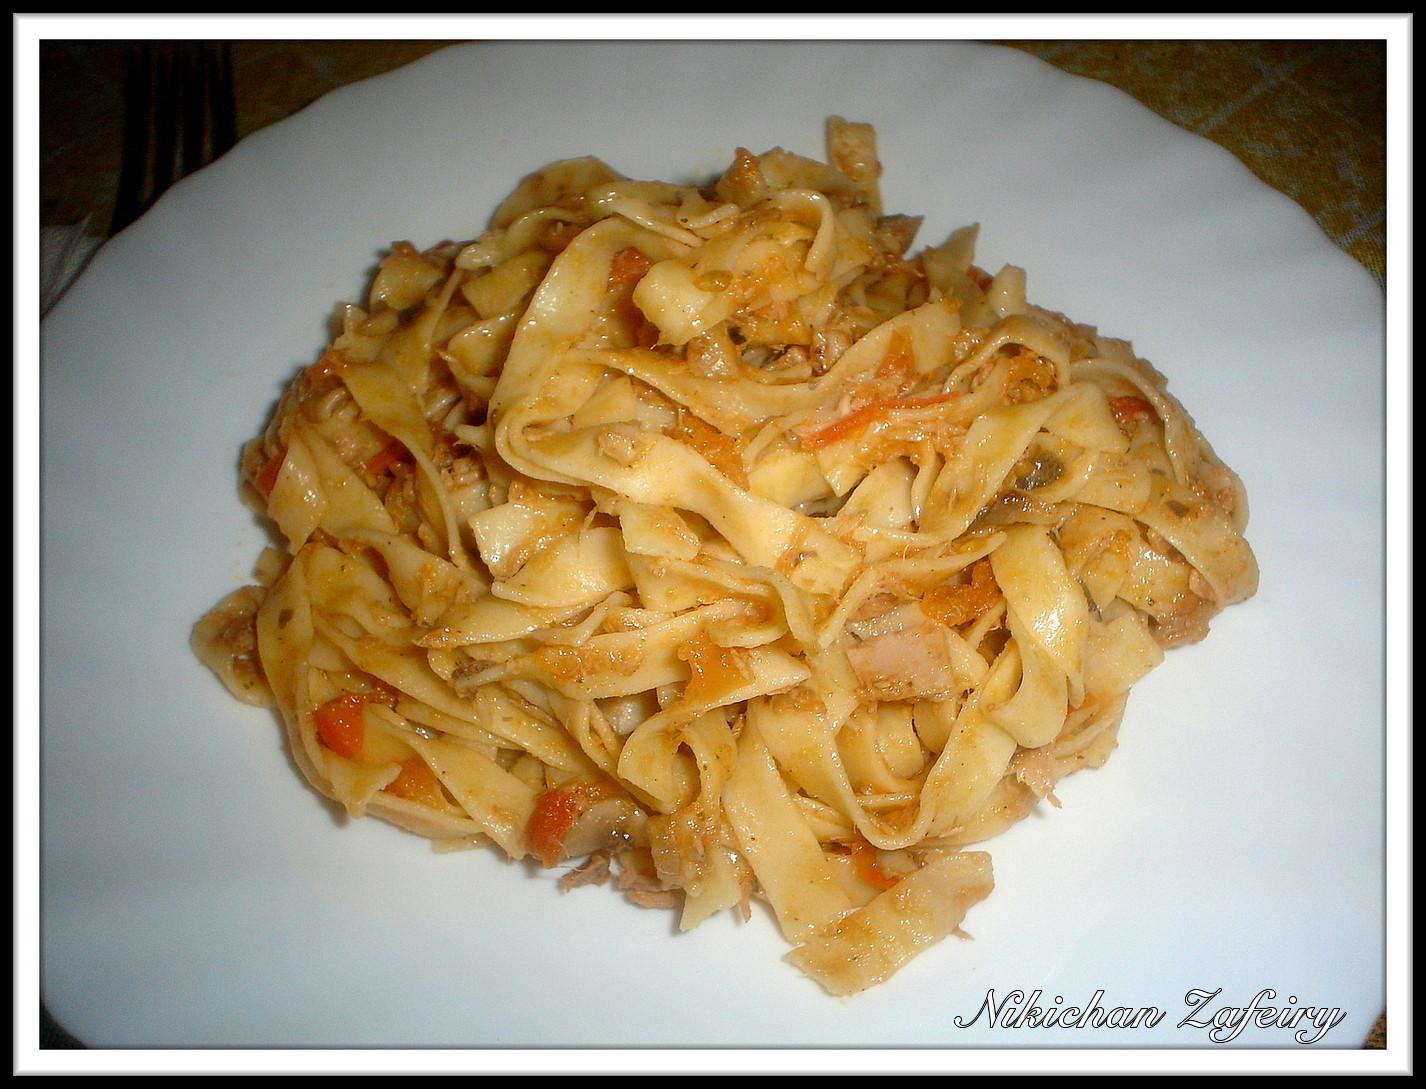 Tallarines de pasta fresca con at n y sofrito recetas de una gatita enamorada - Platos de pasta sencillos ...